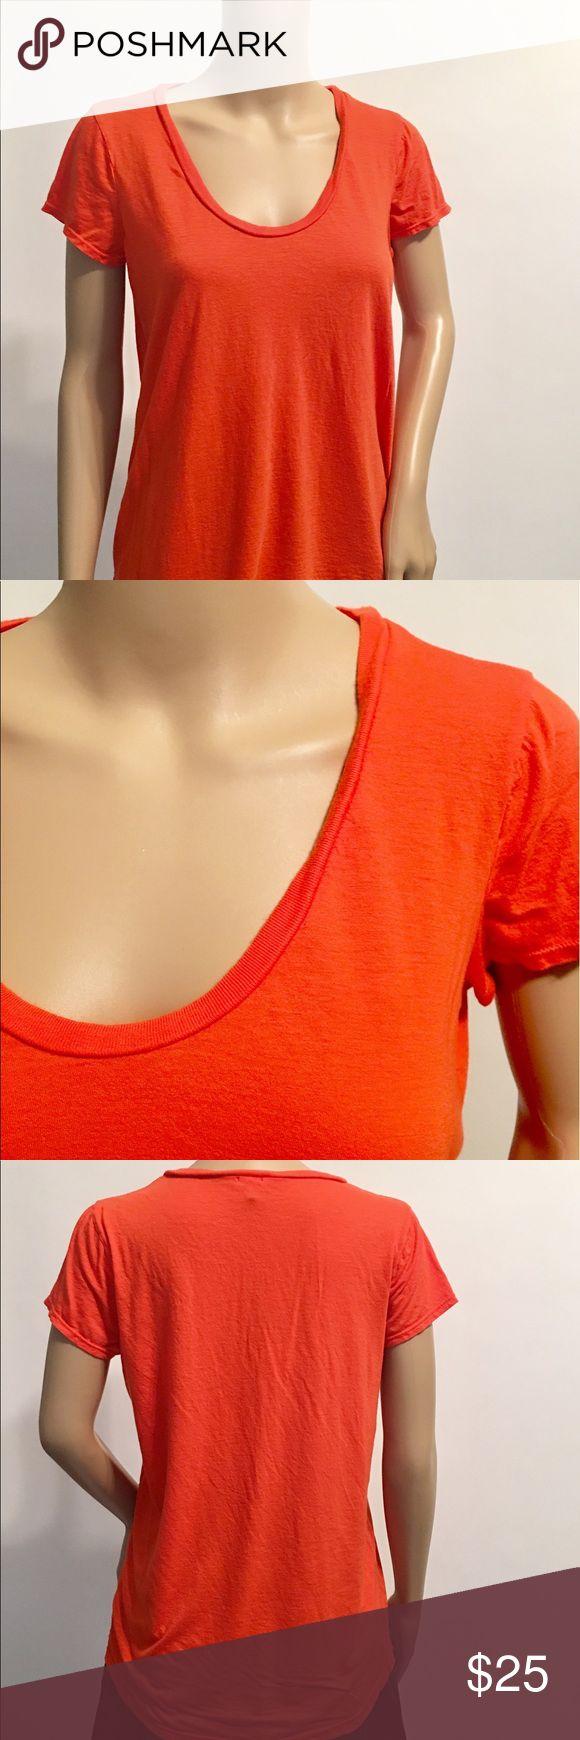 Splendid Orange Scoop Neck Slouchy T Shirt M Splendid Orange Scoop Neck Slouchy T Shirt Medium Splendid Tops Tees - Short Sleeve